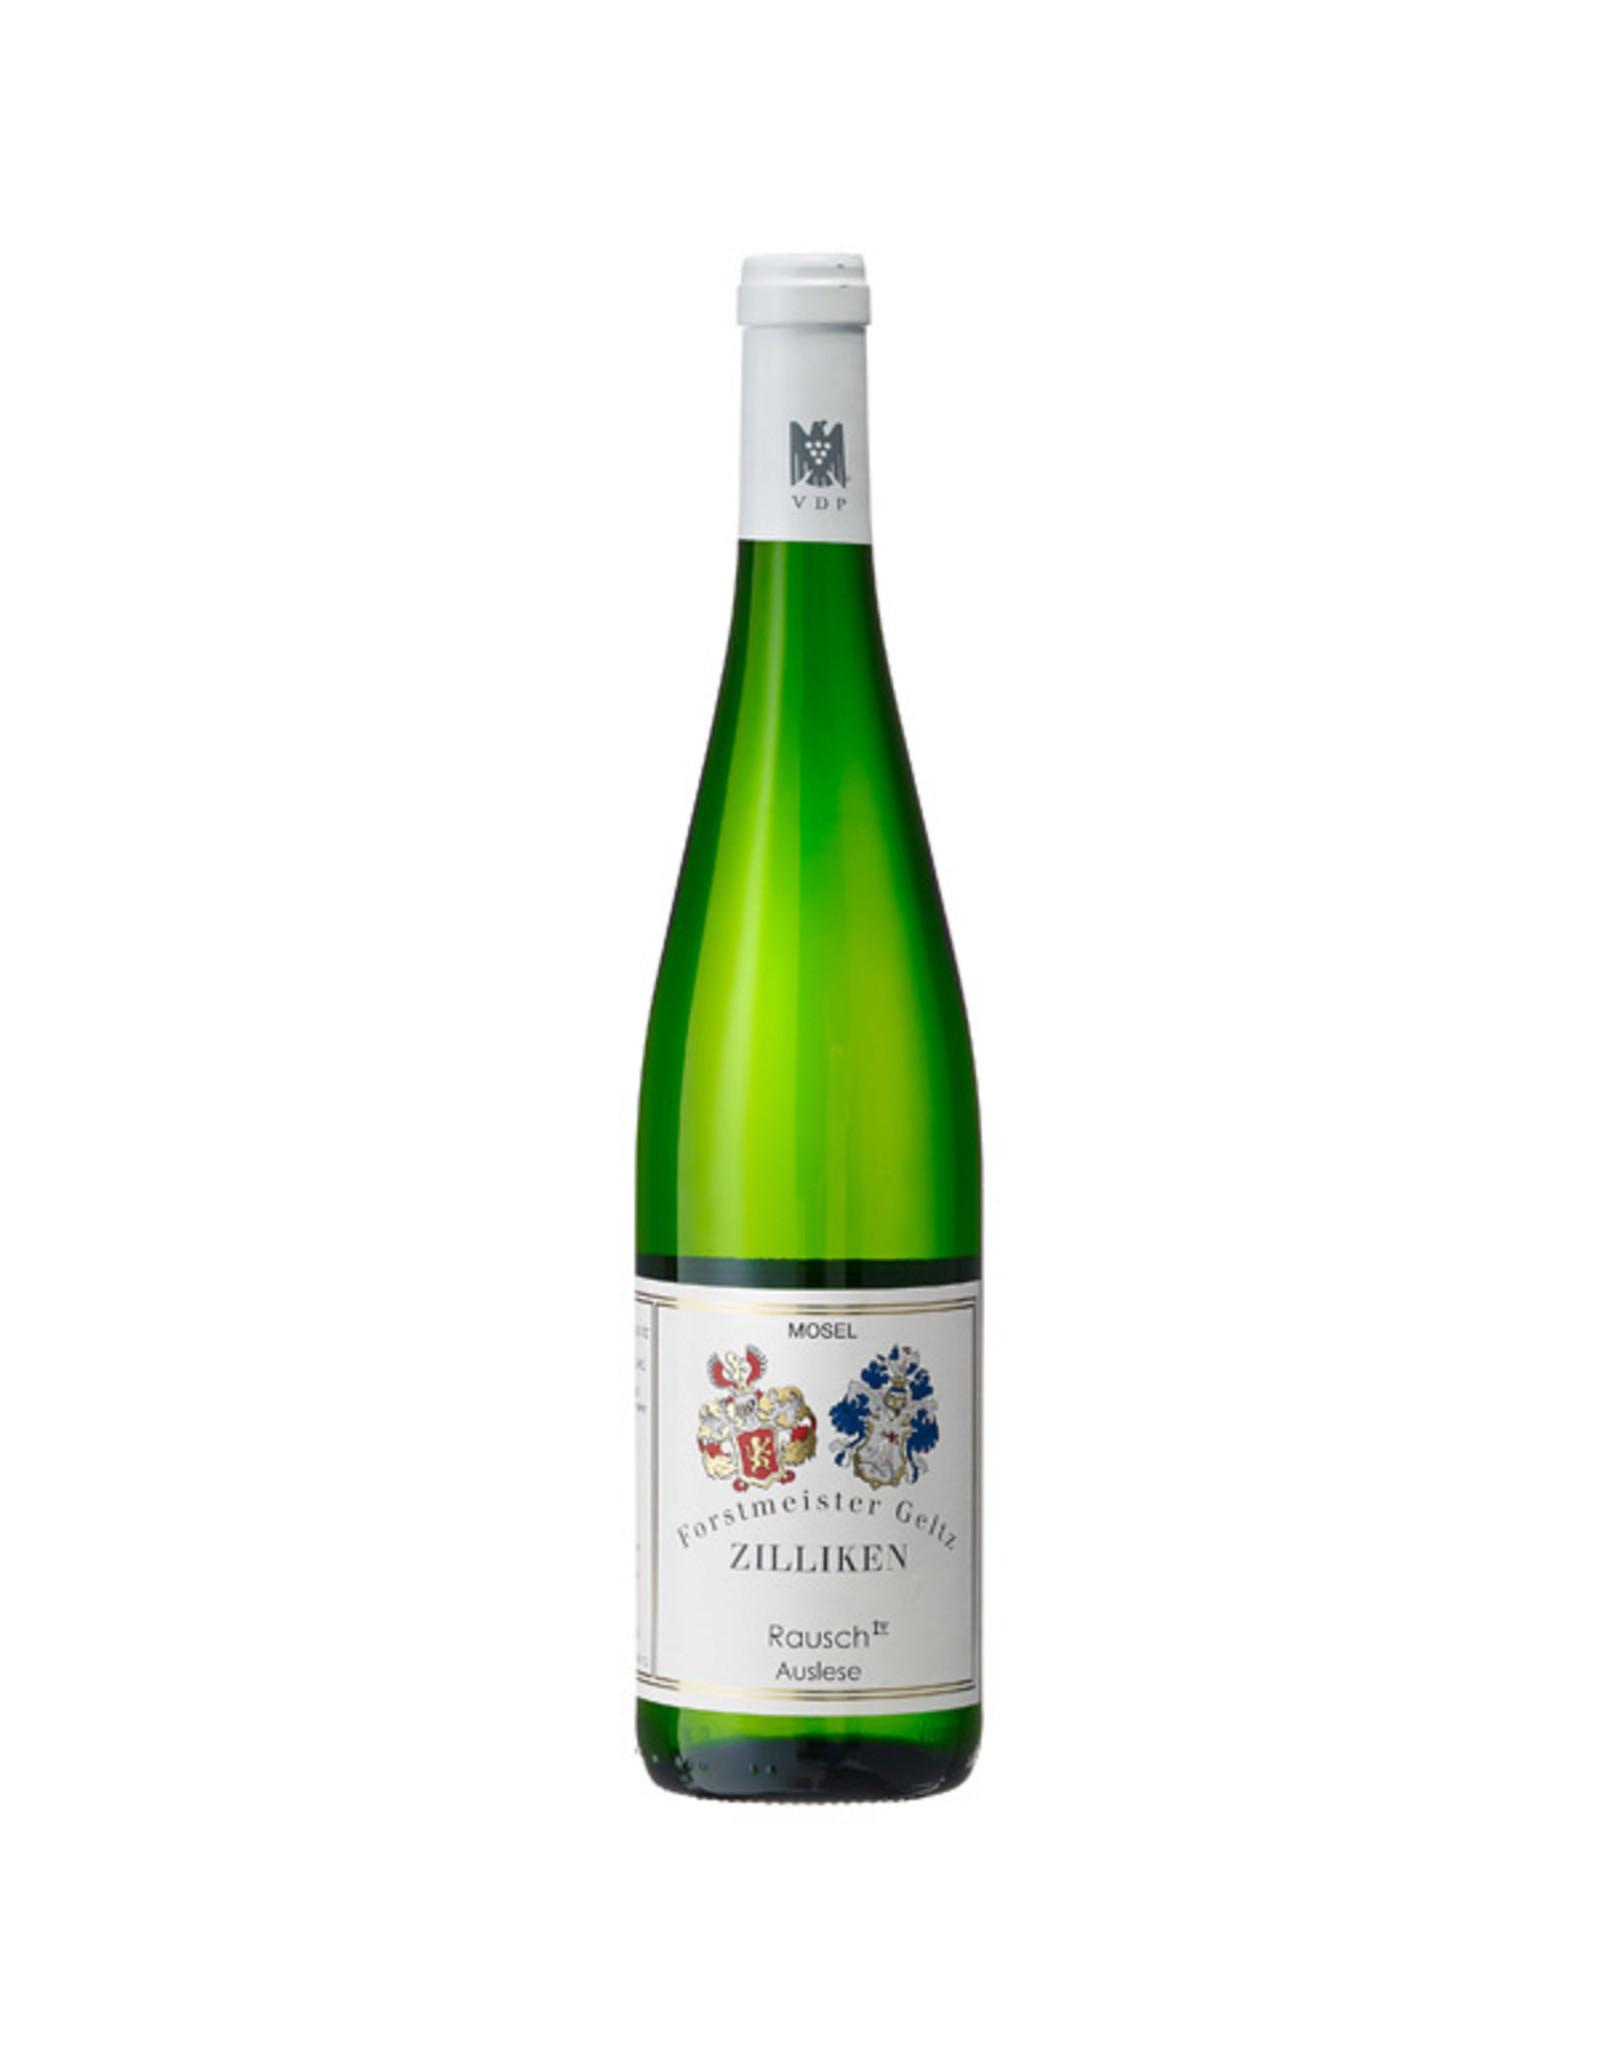 Weingut Forstmeister Geltz Zilliken, Saarburg Zilliken Rausch Auslese 2016 0.375